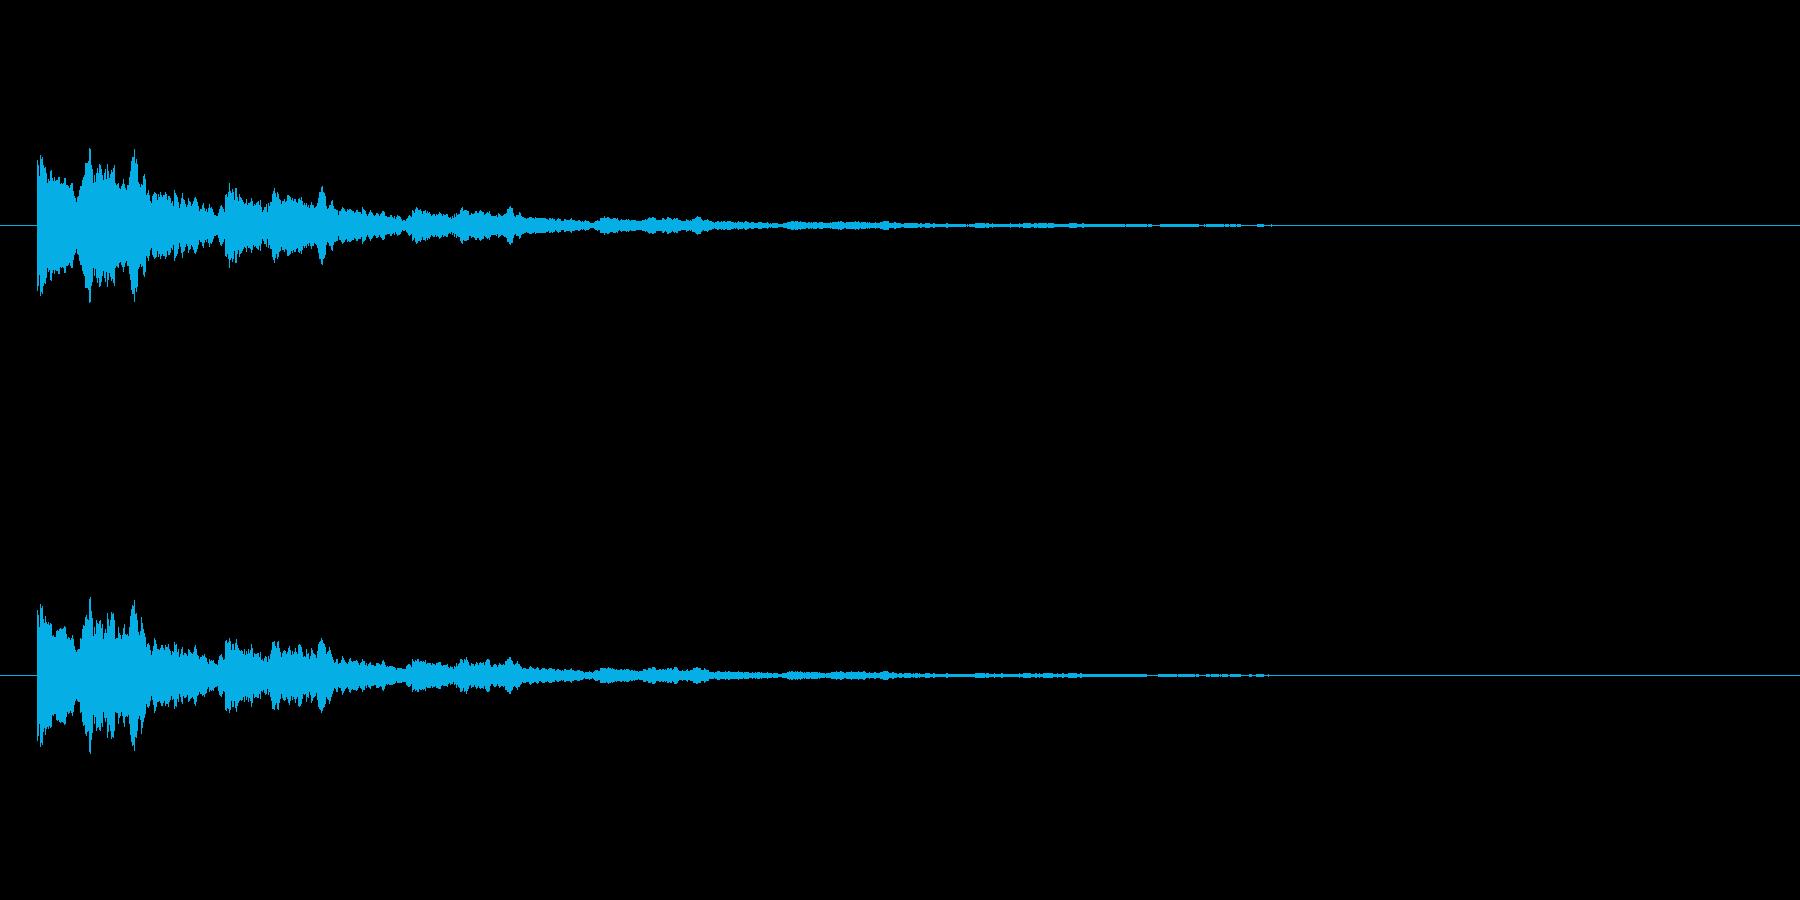 【ひらめき09-5】の再生済みの波形